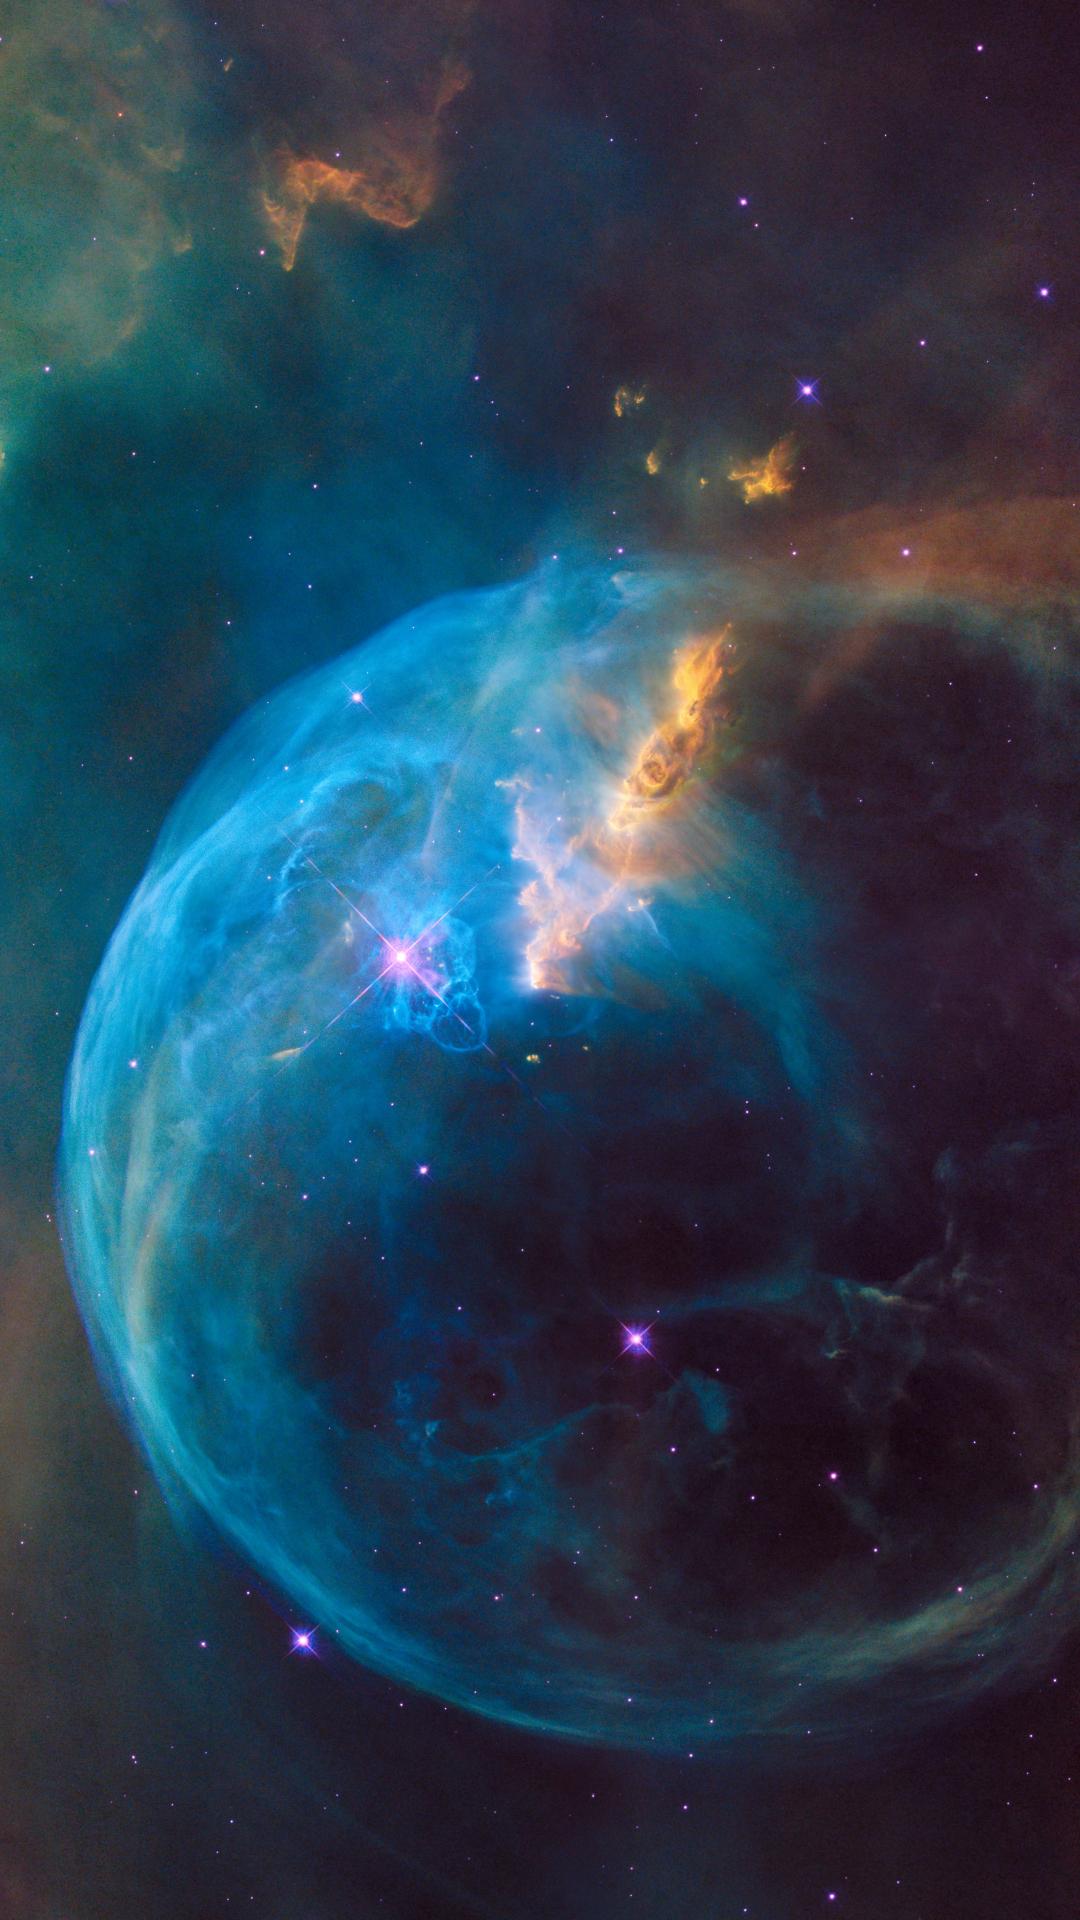 スペース 星雲と宇宙iphone 8 Plus壁紙 1080 1920 Iphoneチーズ